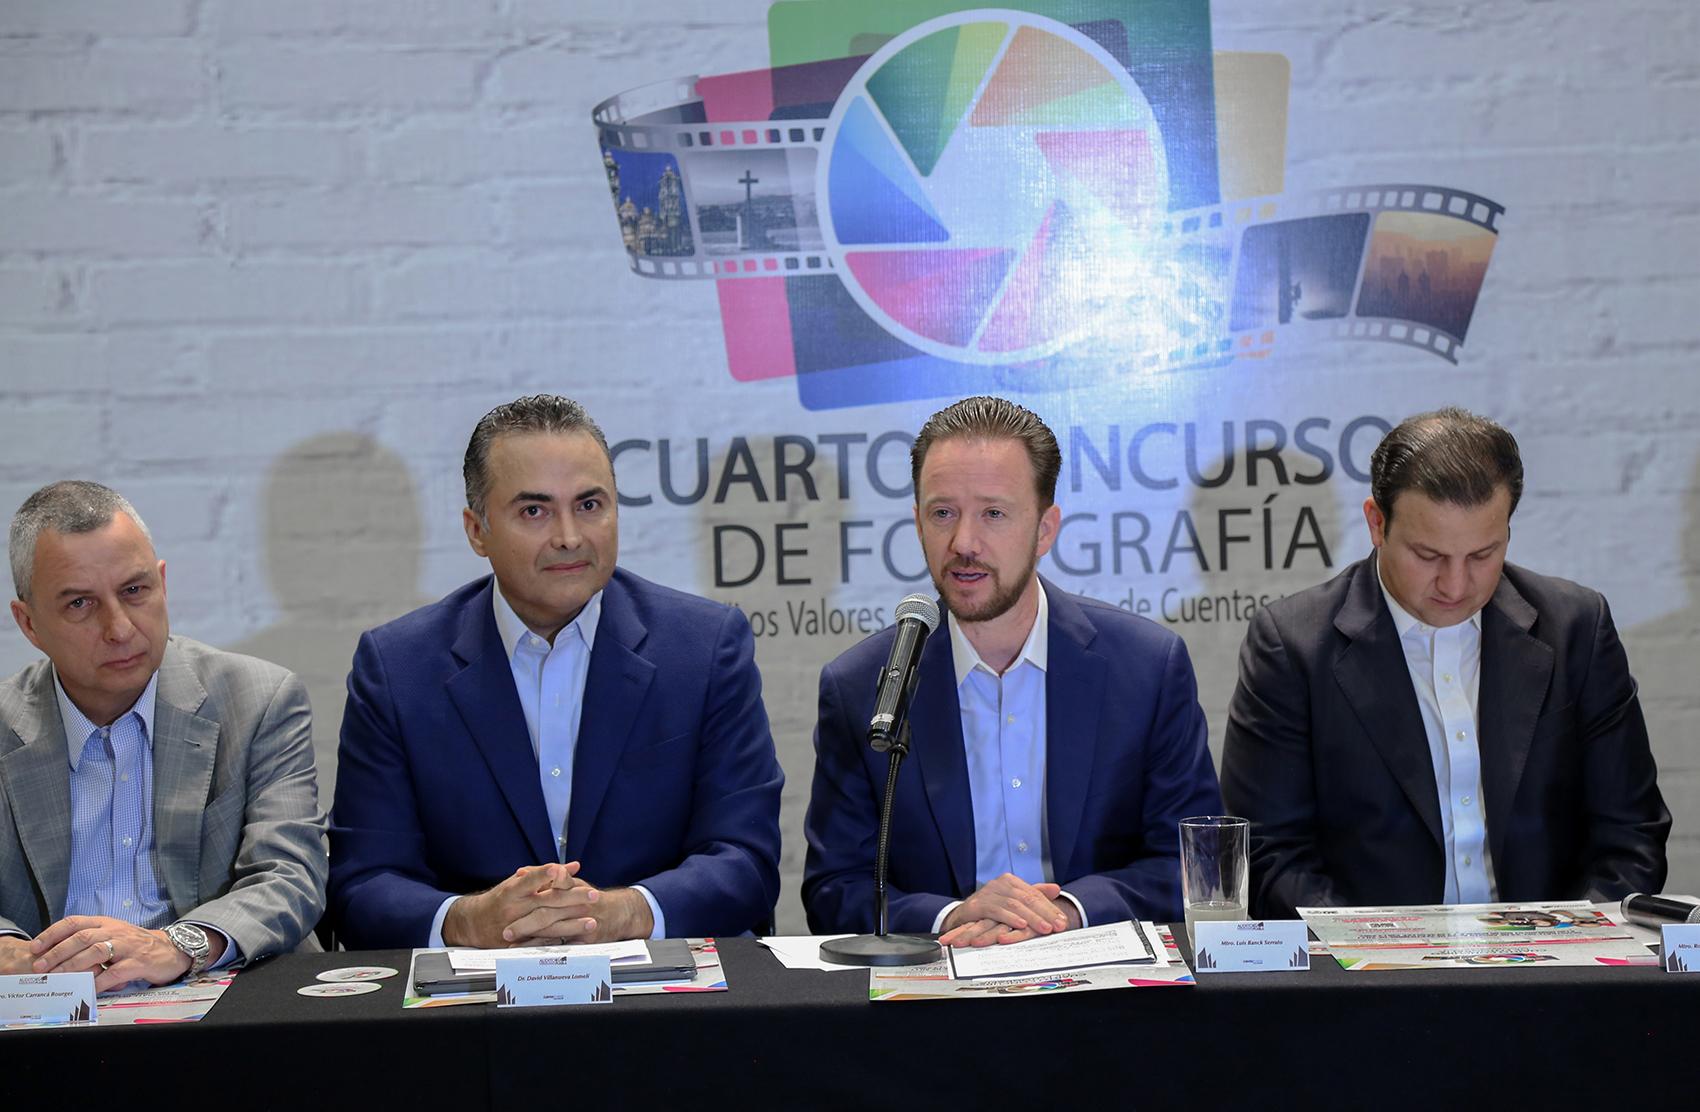 Presenta la Auditoría Puebla el IV Concurso de Fotografía